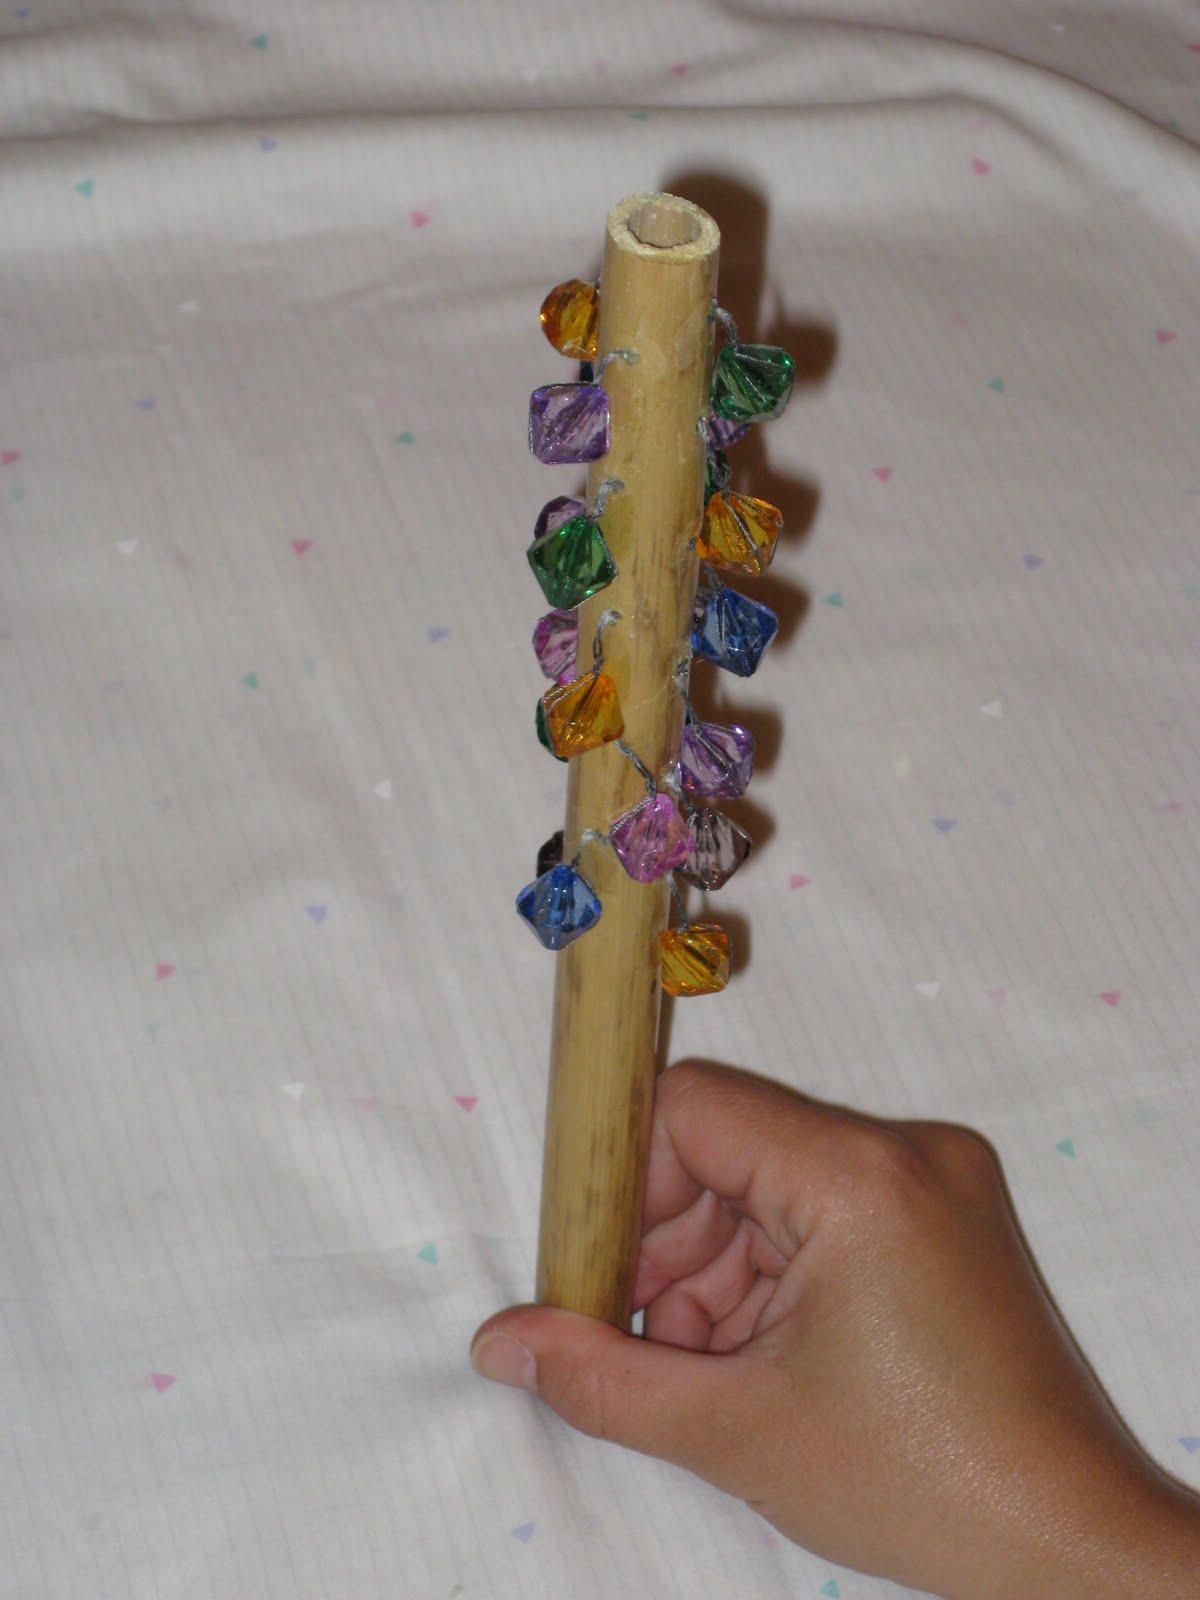 ingls para todos Instrumentos musicales escolares caseros